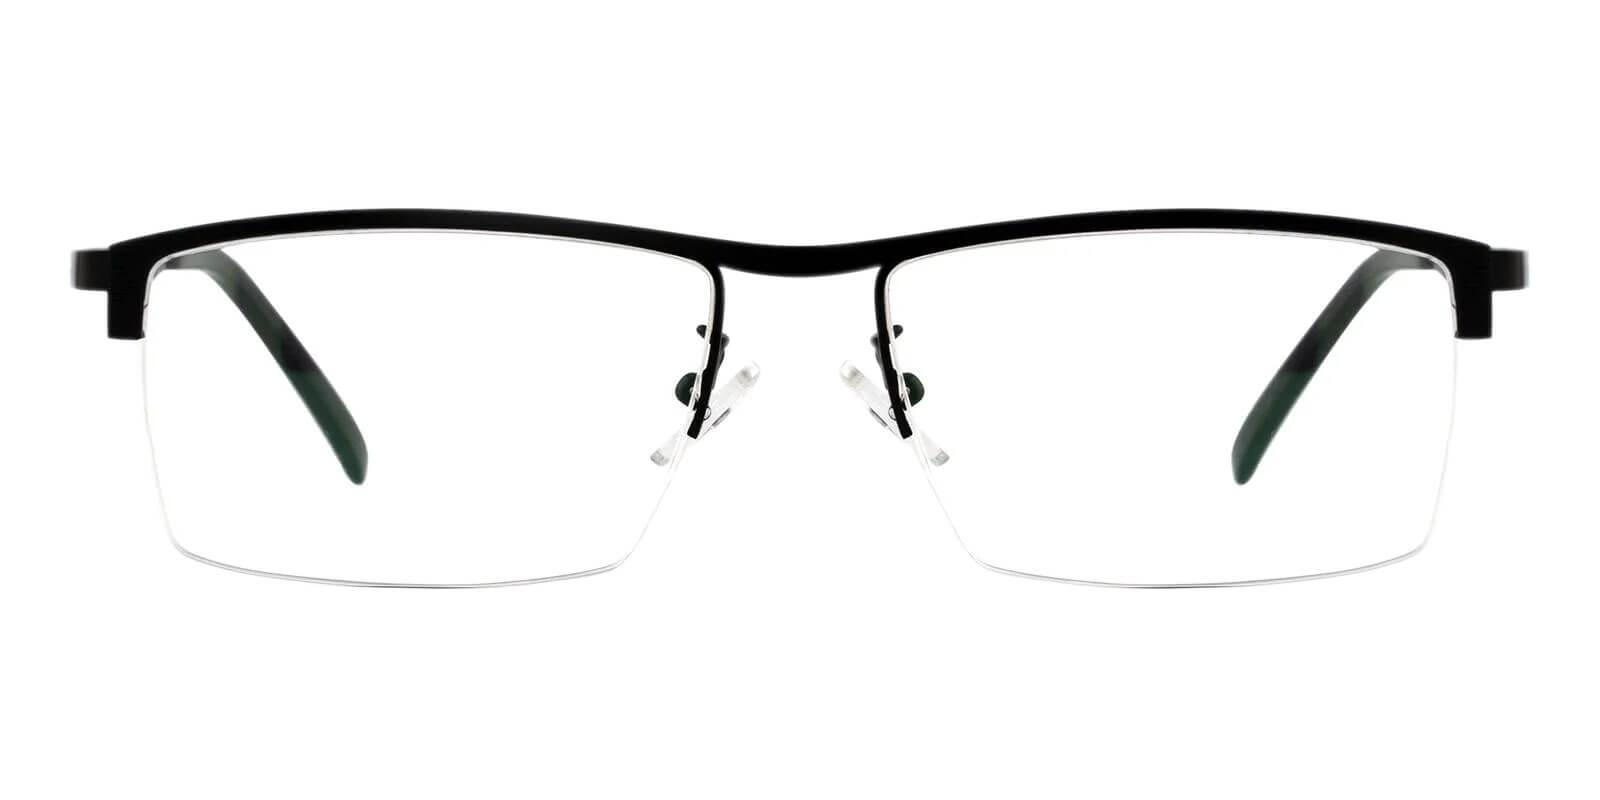 Henry Black Metal Eyeglasses , NosePads Frames from ABBE Glasses